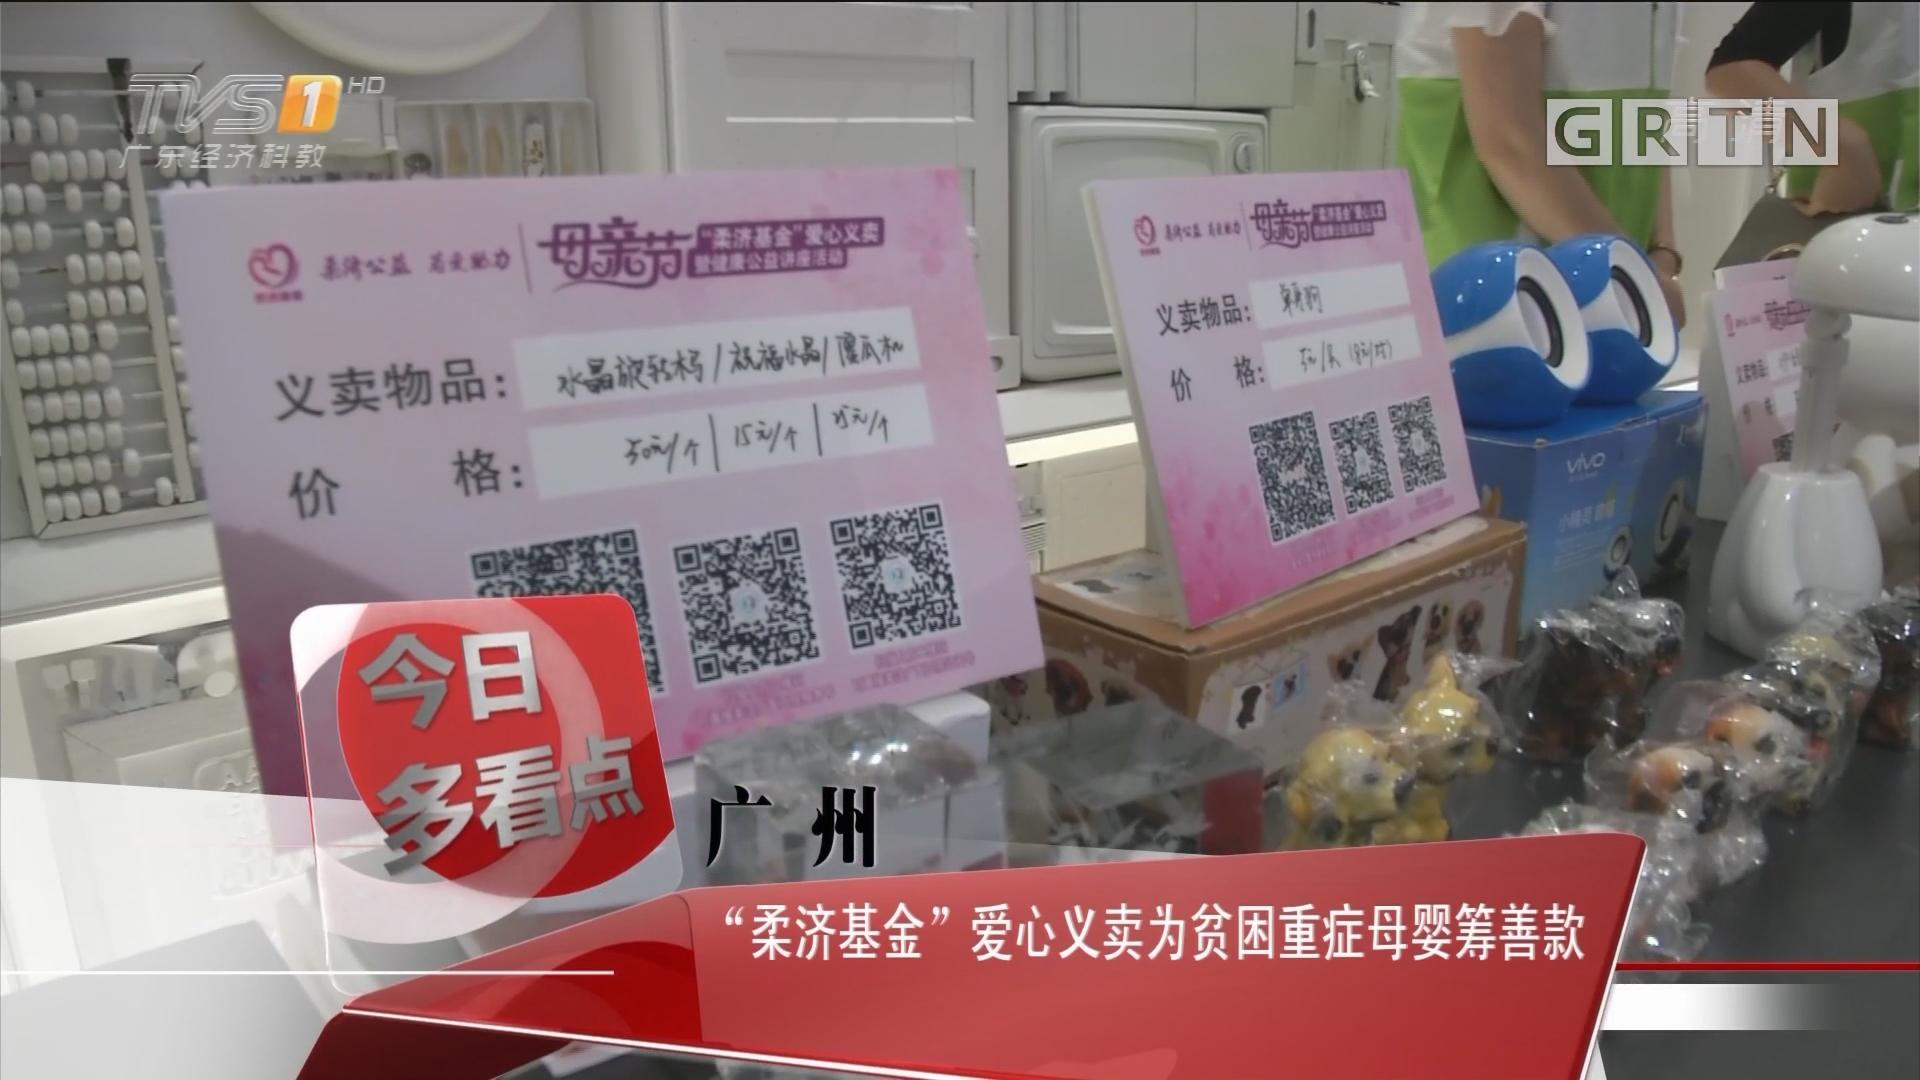 """广州:""""柔济基金""""爱心义卖为贫困重症母婴筹善款"""